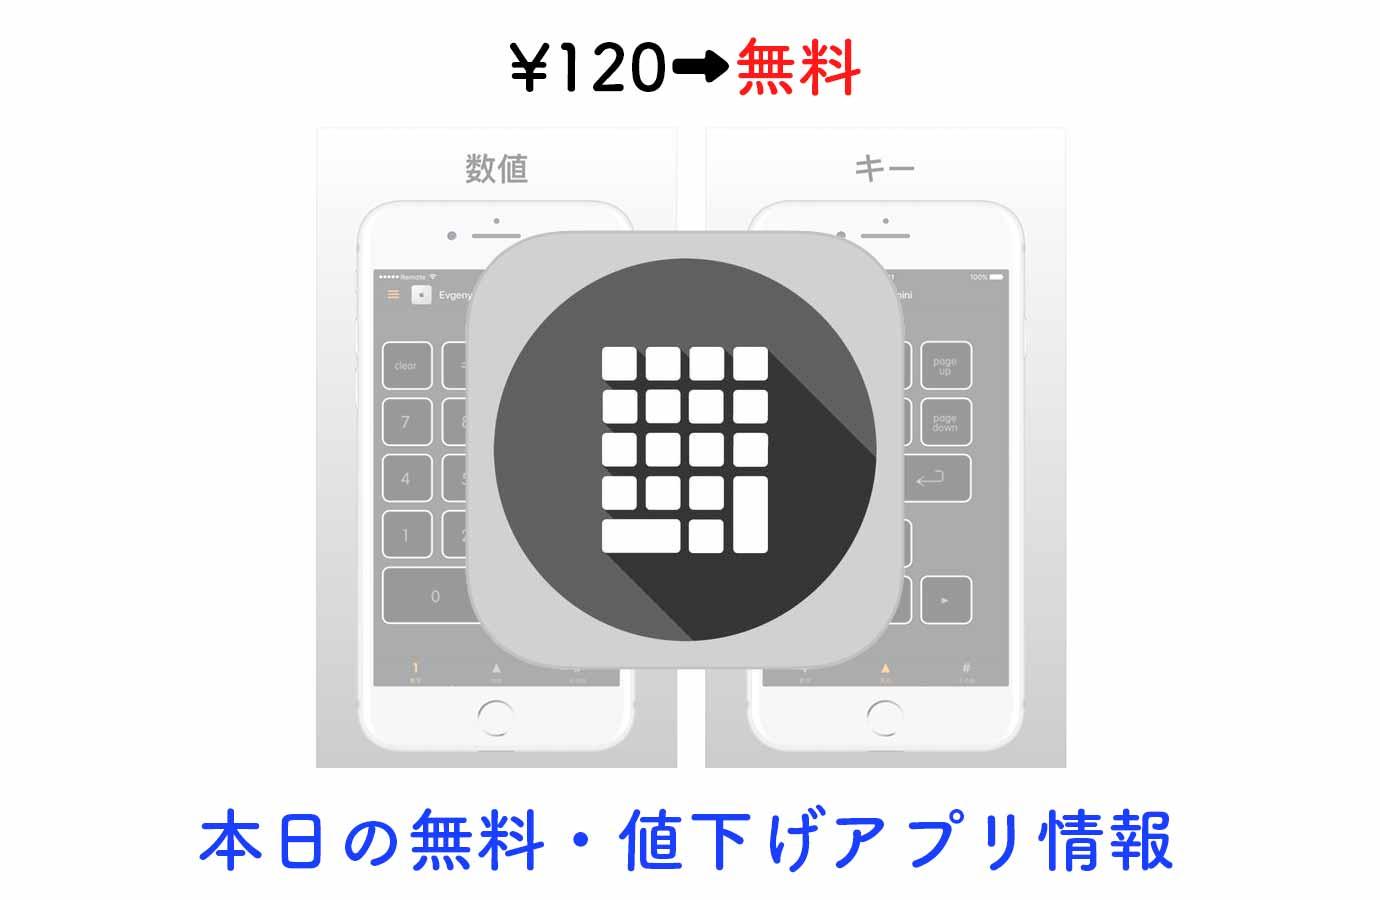 ¥120→無料、iOSデバイスをMacのテンキーとして使える「Remote Keyboard Pad for Mac」など【8/24】本日の無料・値下げアプリ情報